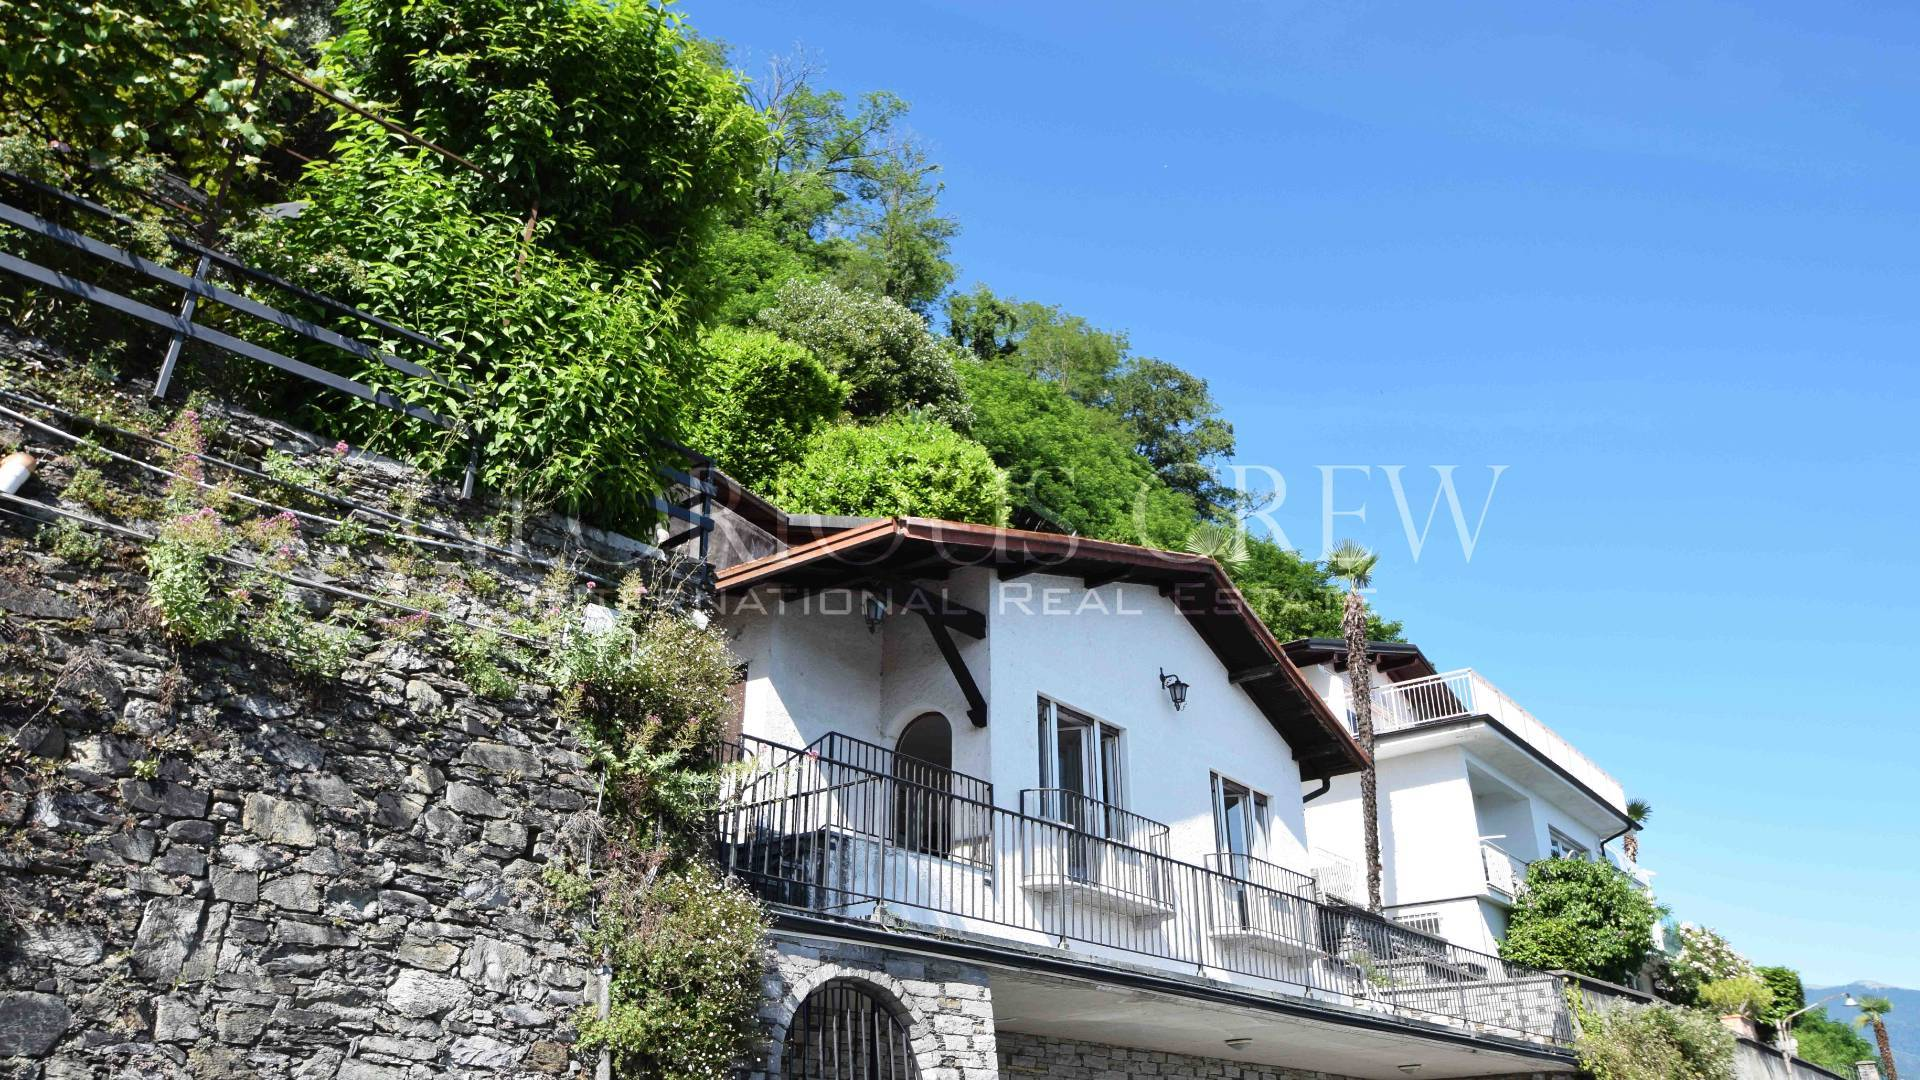 Villa in Vendita a Cannero Riviera: 5 locali, 310 mq - Foto 20